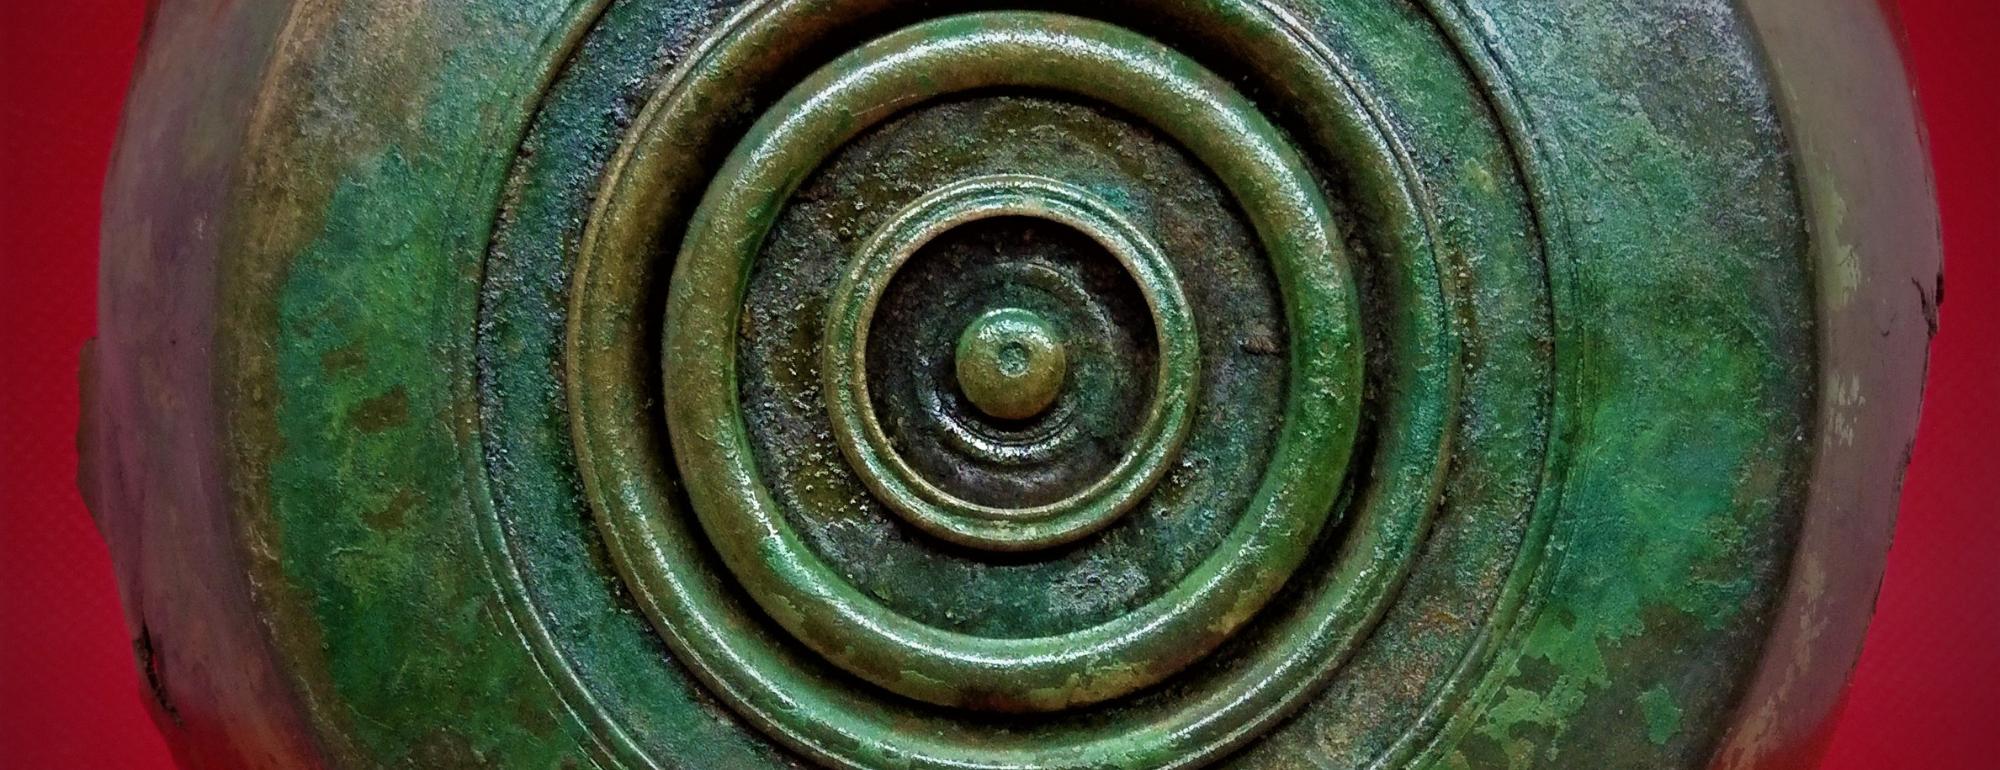 2000x770 Roman bronzes